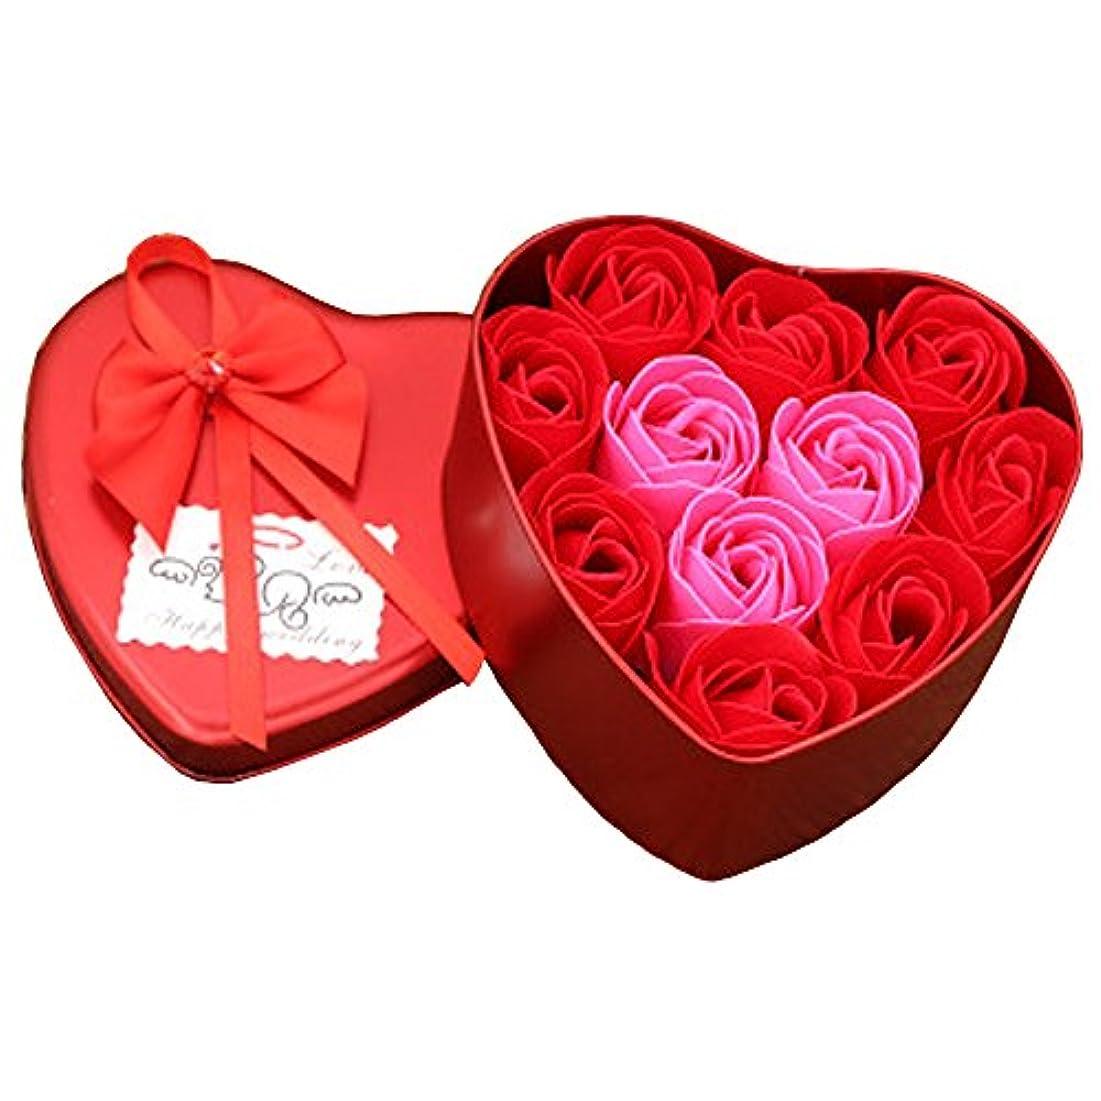 明日一定かるiCoole ソープフラワー 石鹸花 ハードフラワー形状 ギフトボックス入り 母の日 バレンタインデー お誕生日 ギフト